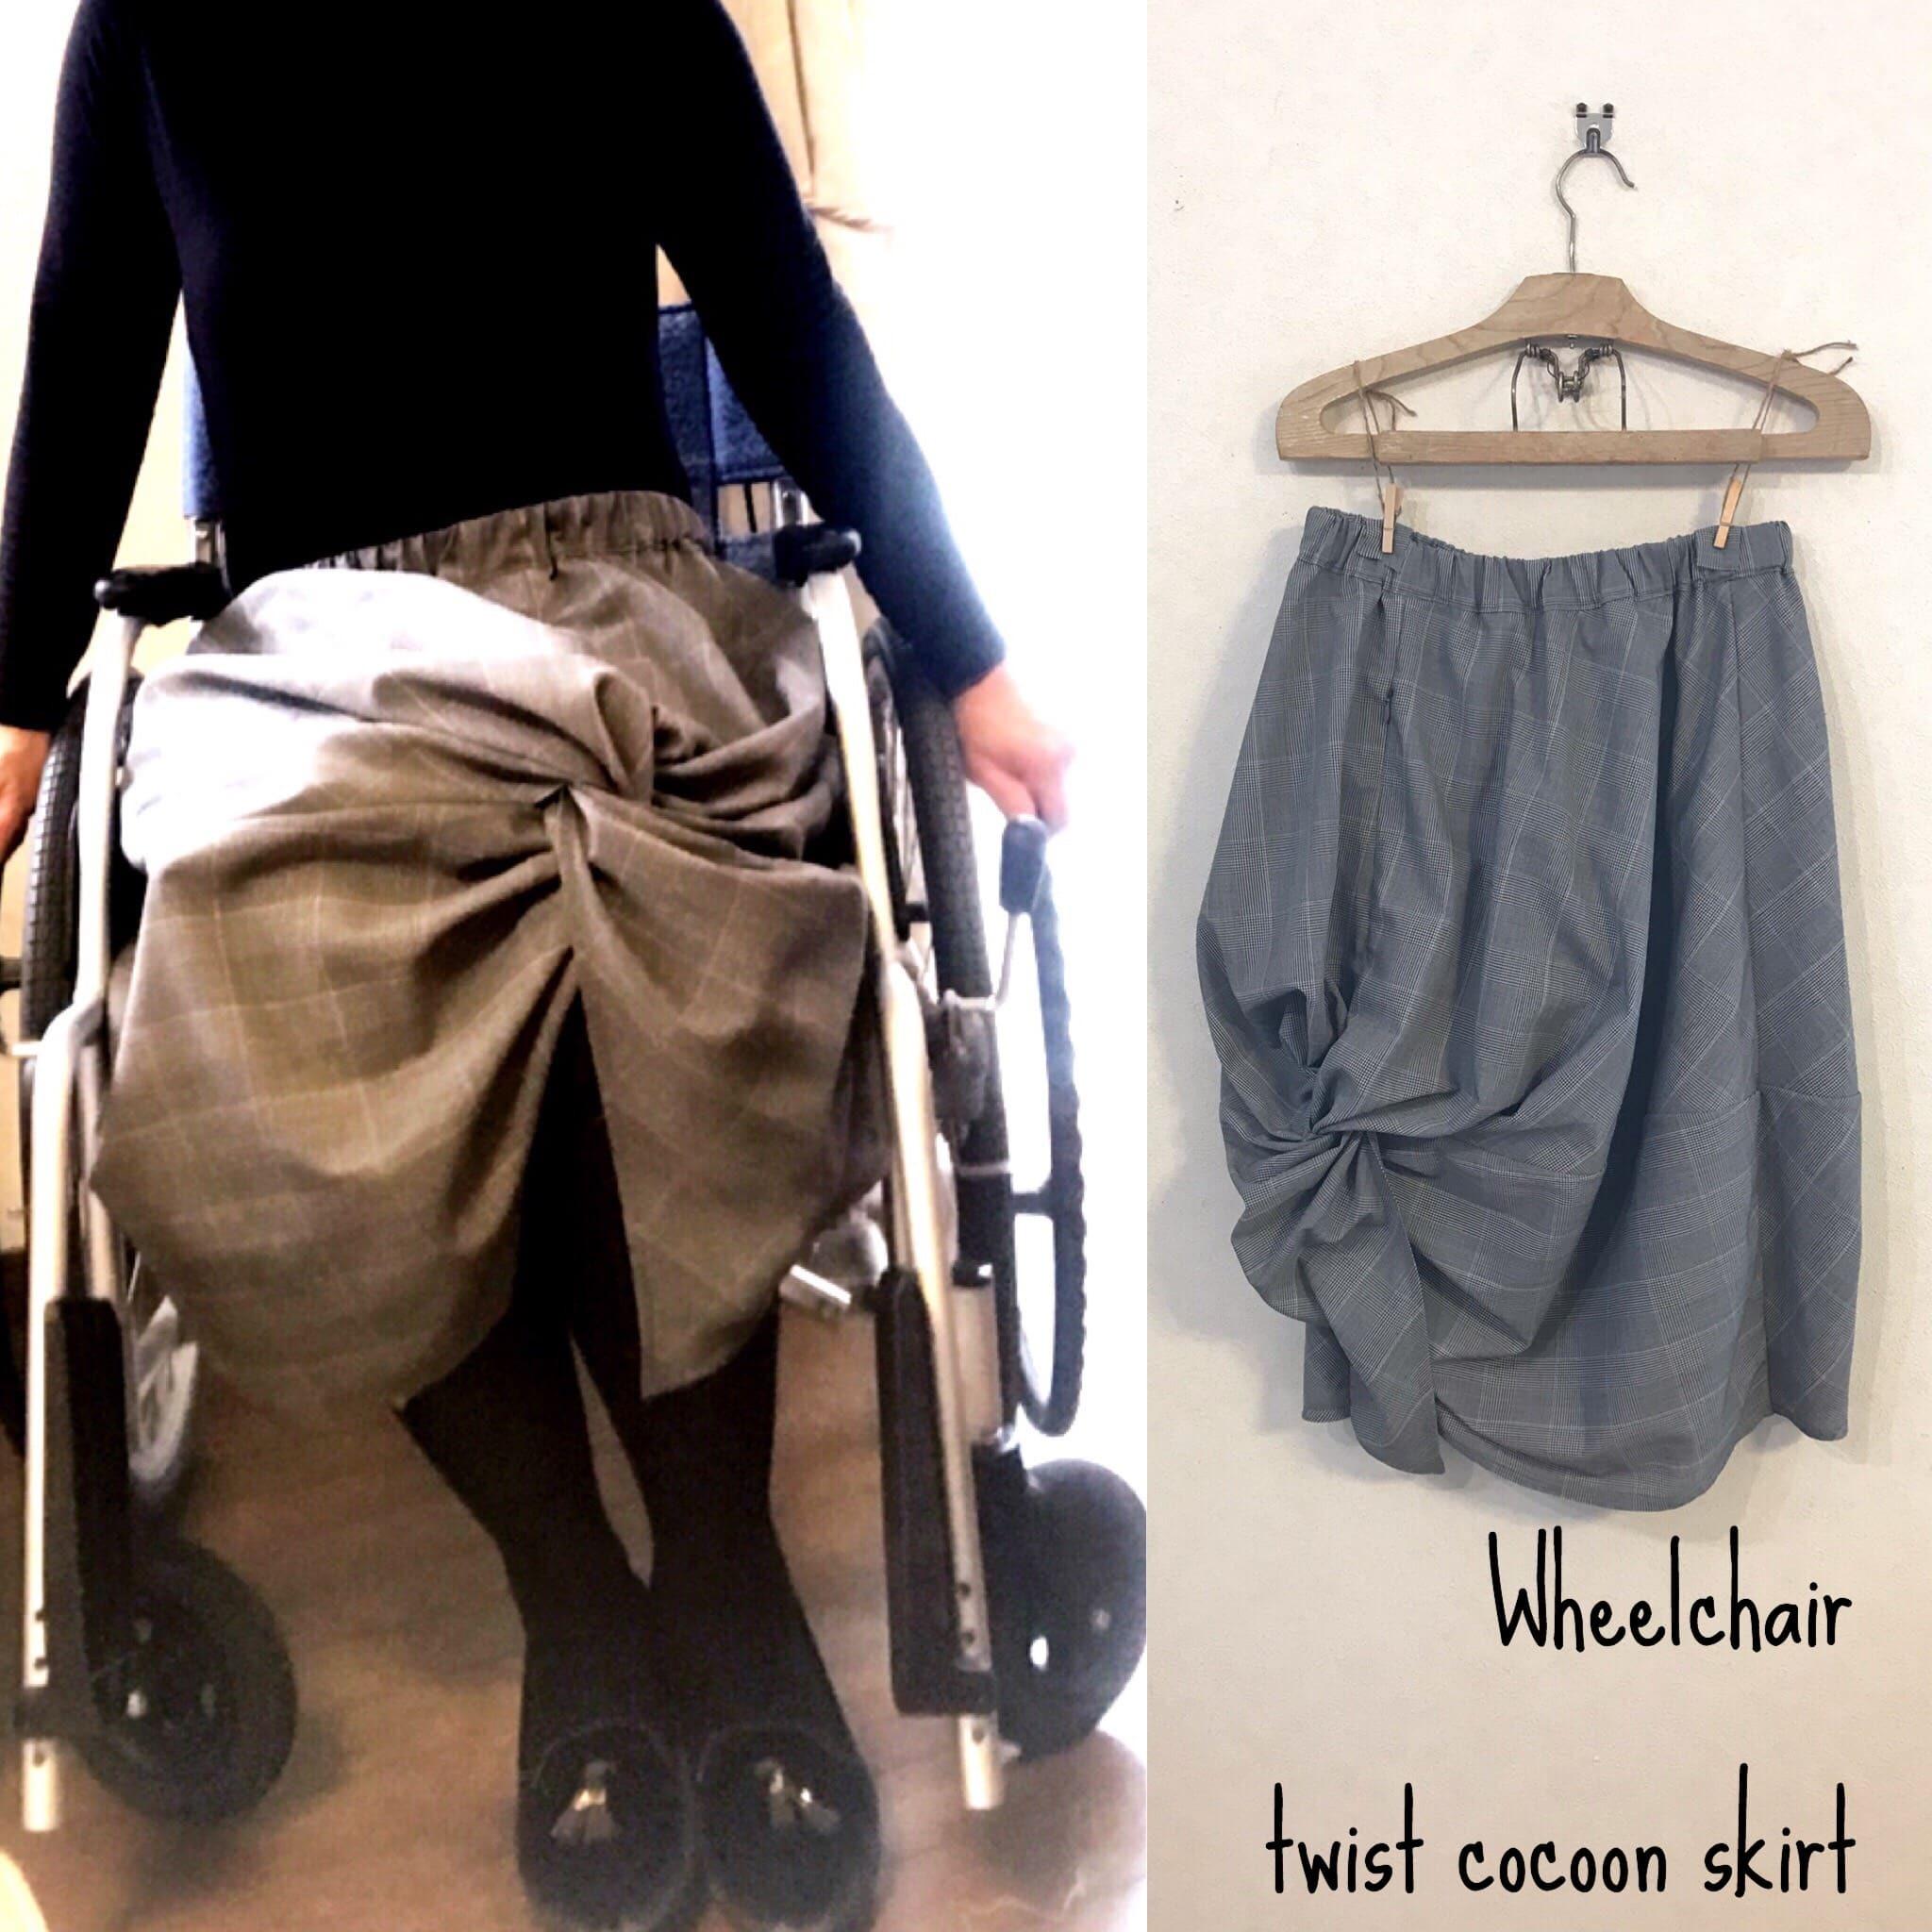 【車椅子対応】膝上大ポケットが便利なグレンチェック ツイストコクーンスカート